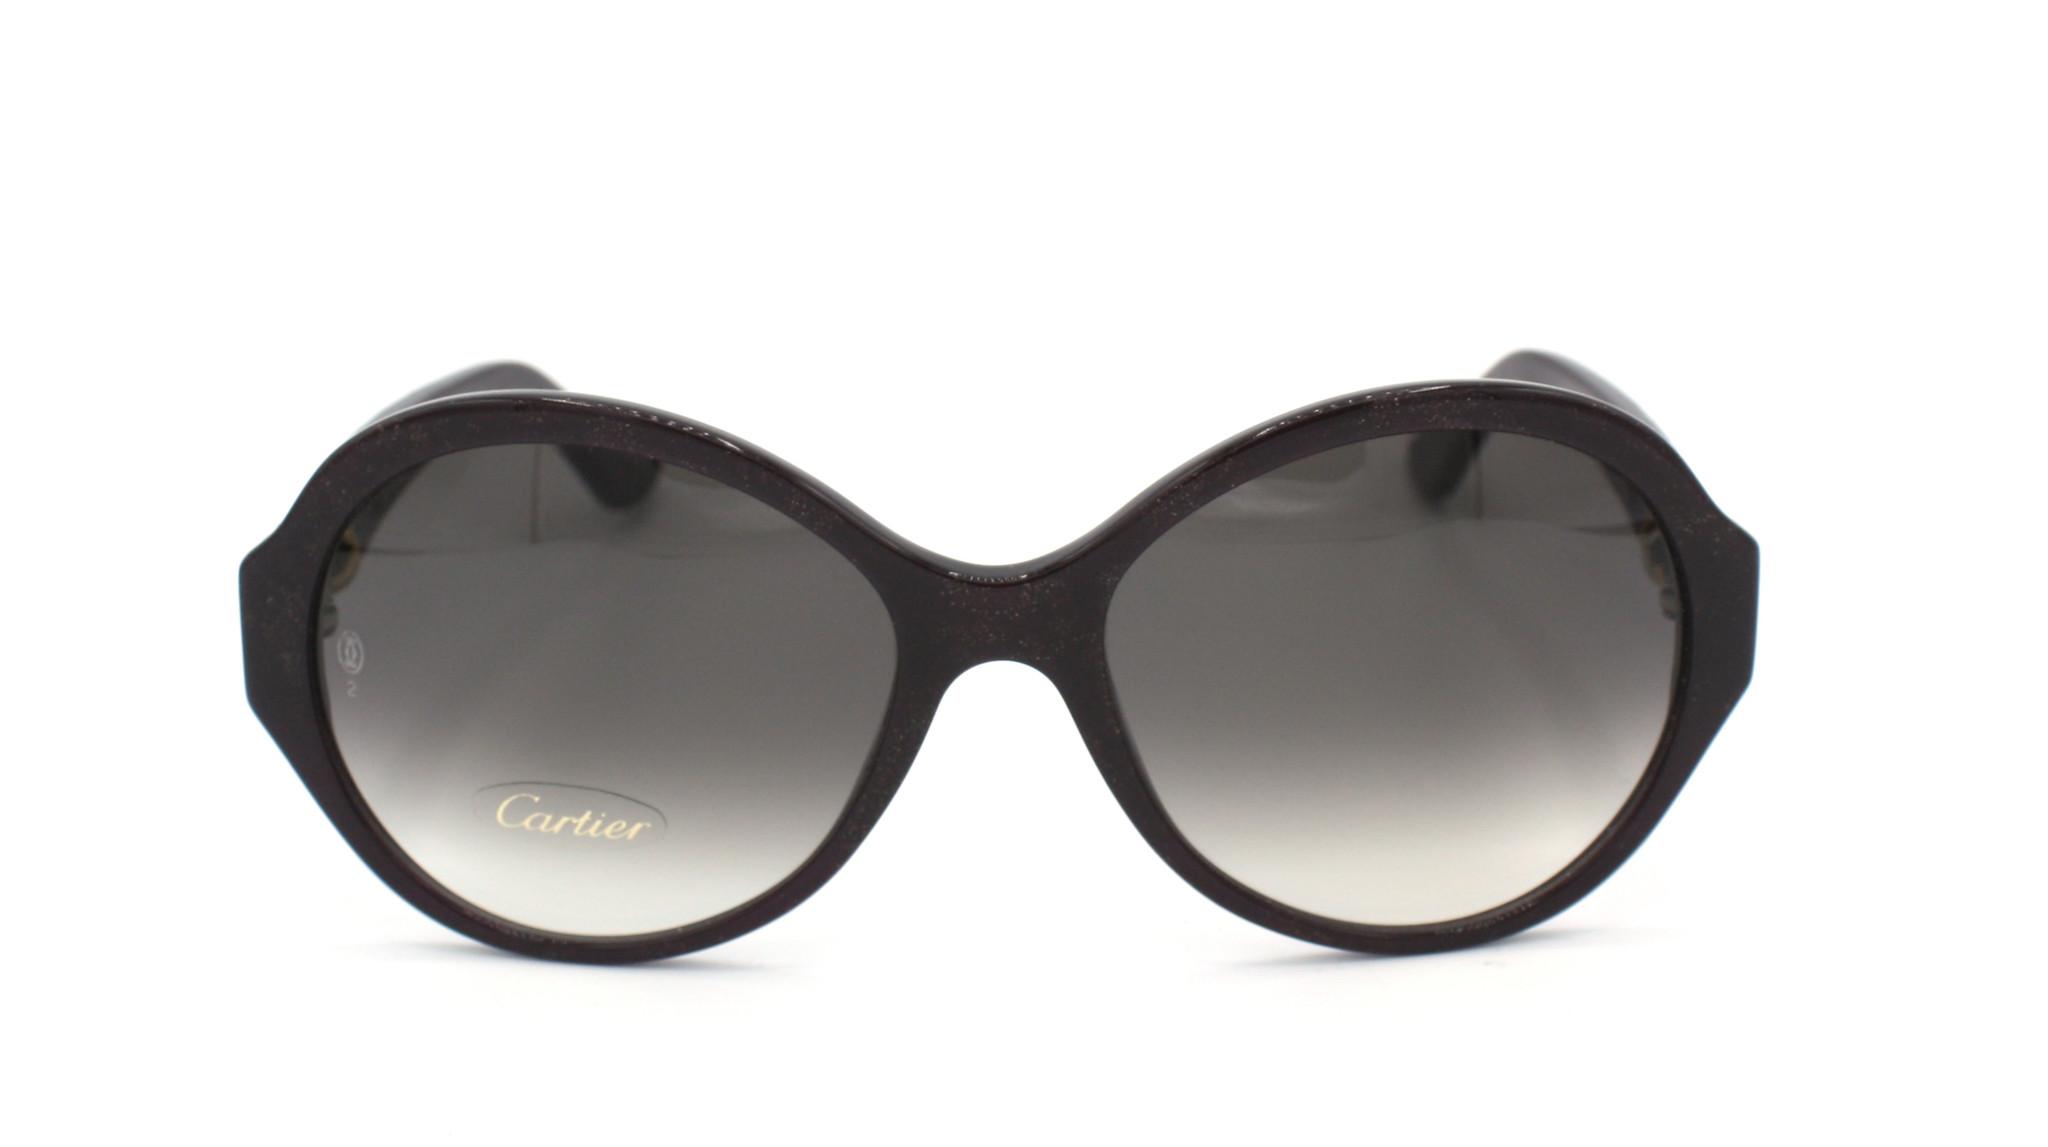 Cartier - ESW00015 - Lea-1